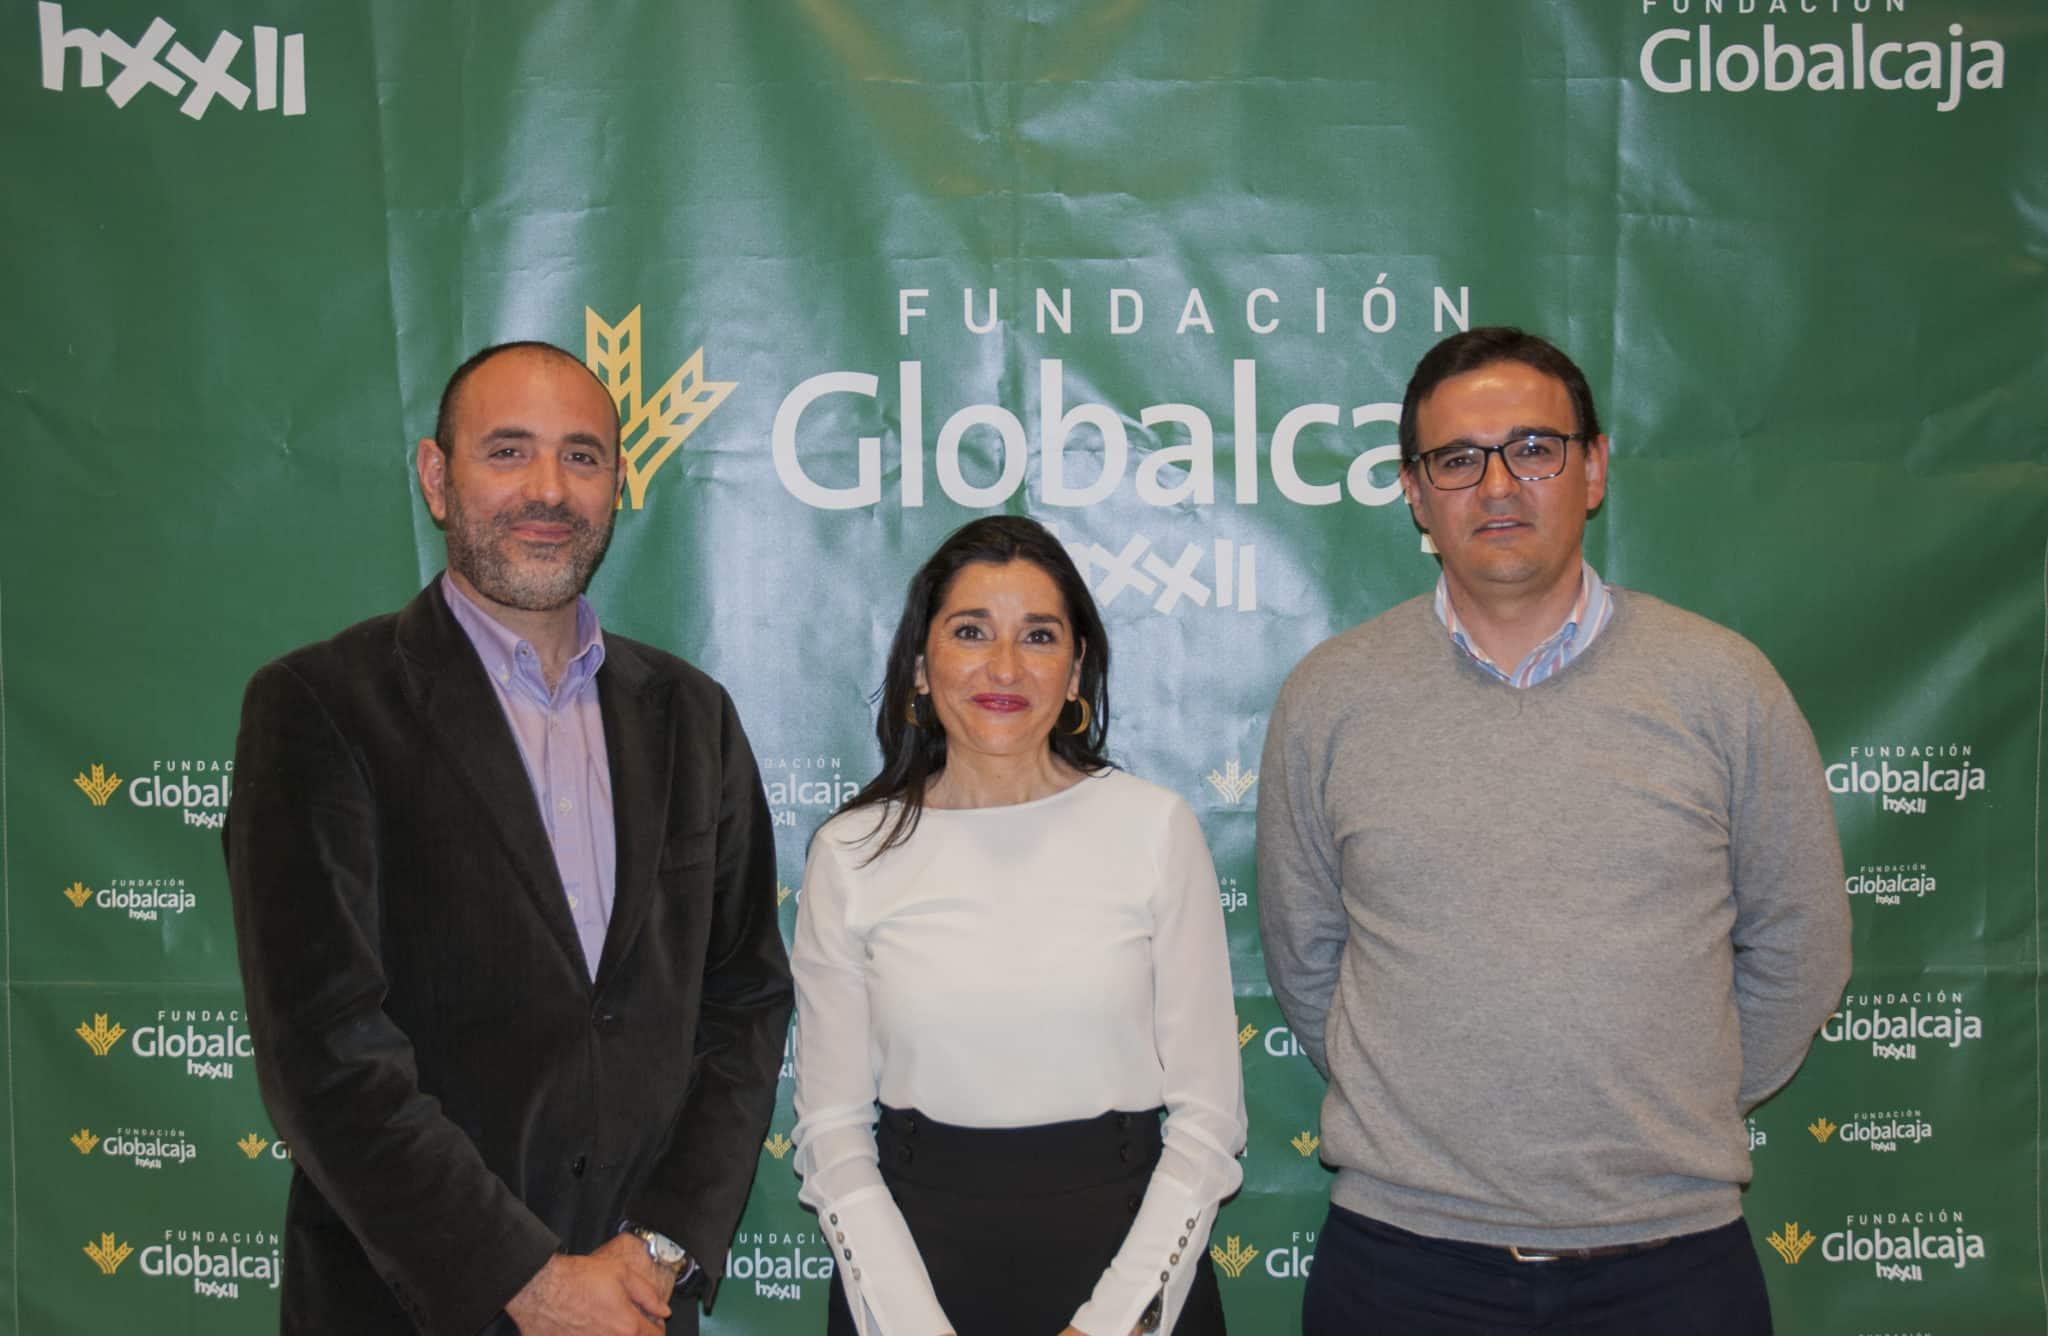 https://blog.globalcaja.es/wp-content/uploads/2019/03/XCToledo-AA.jpg